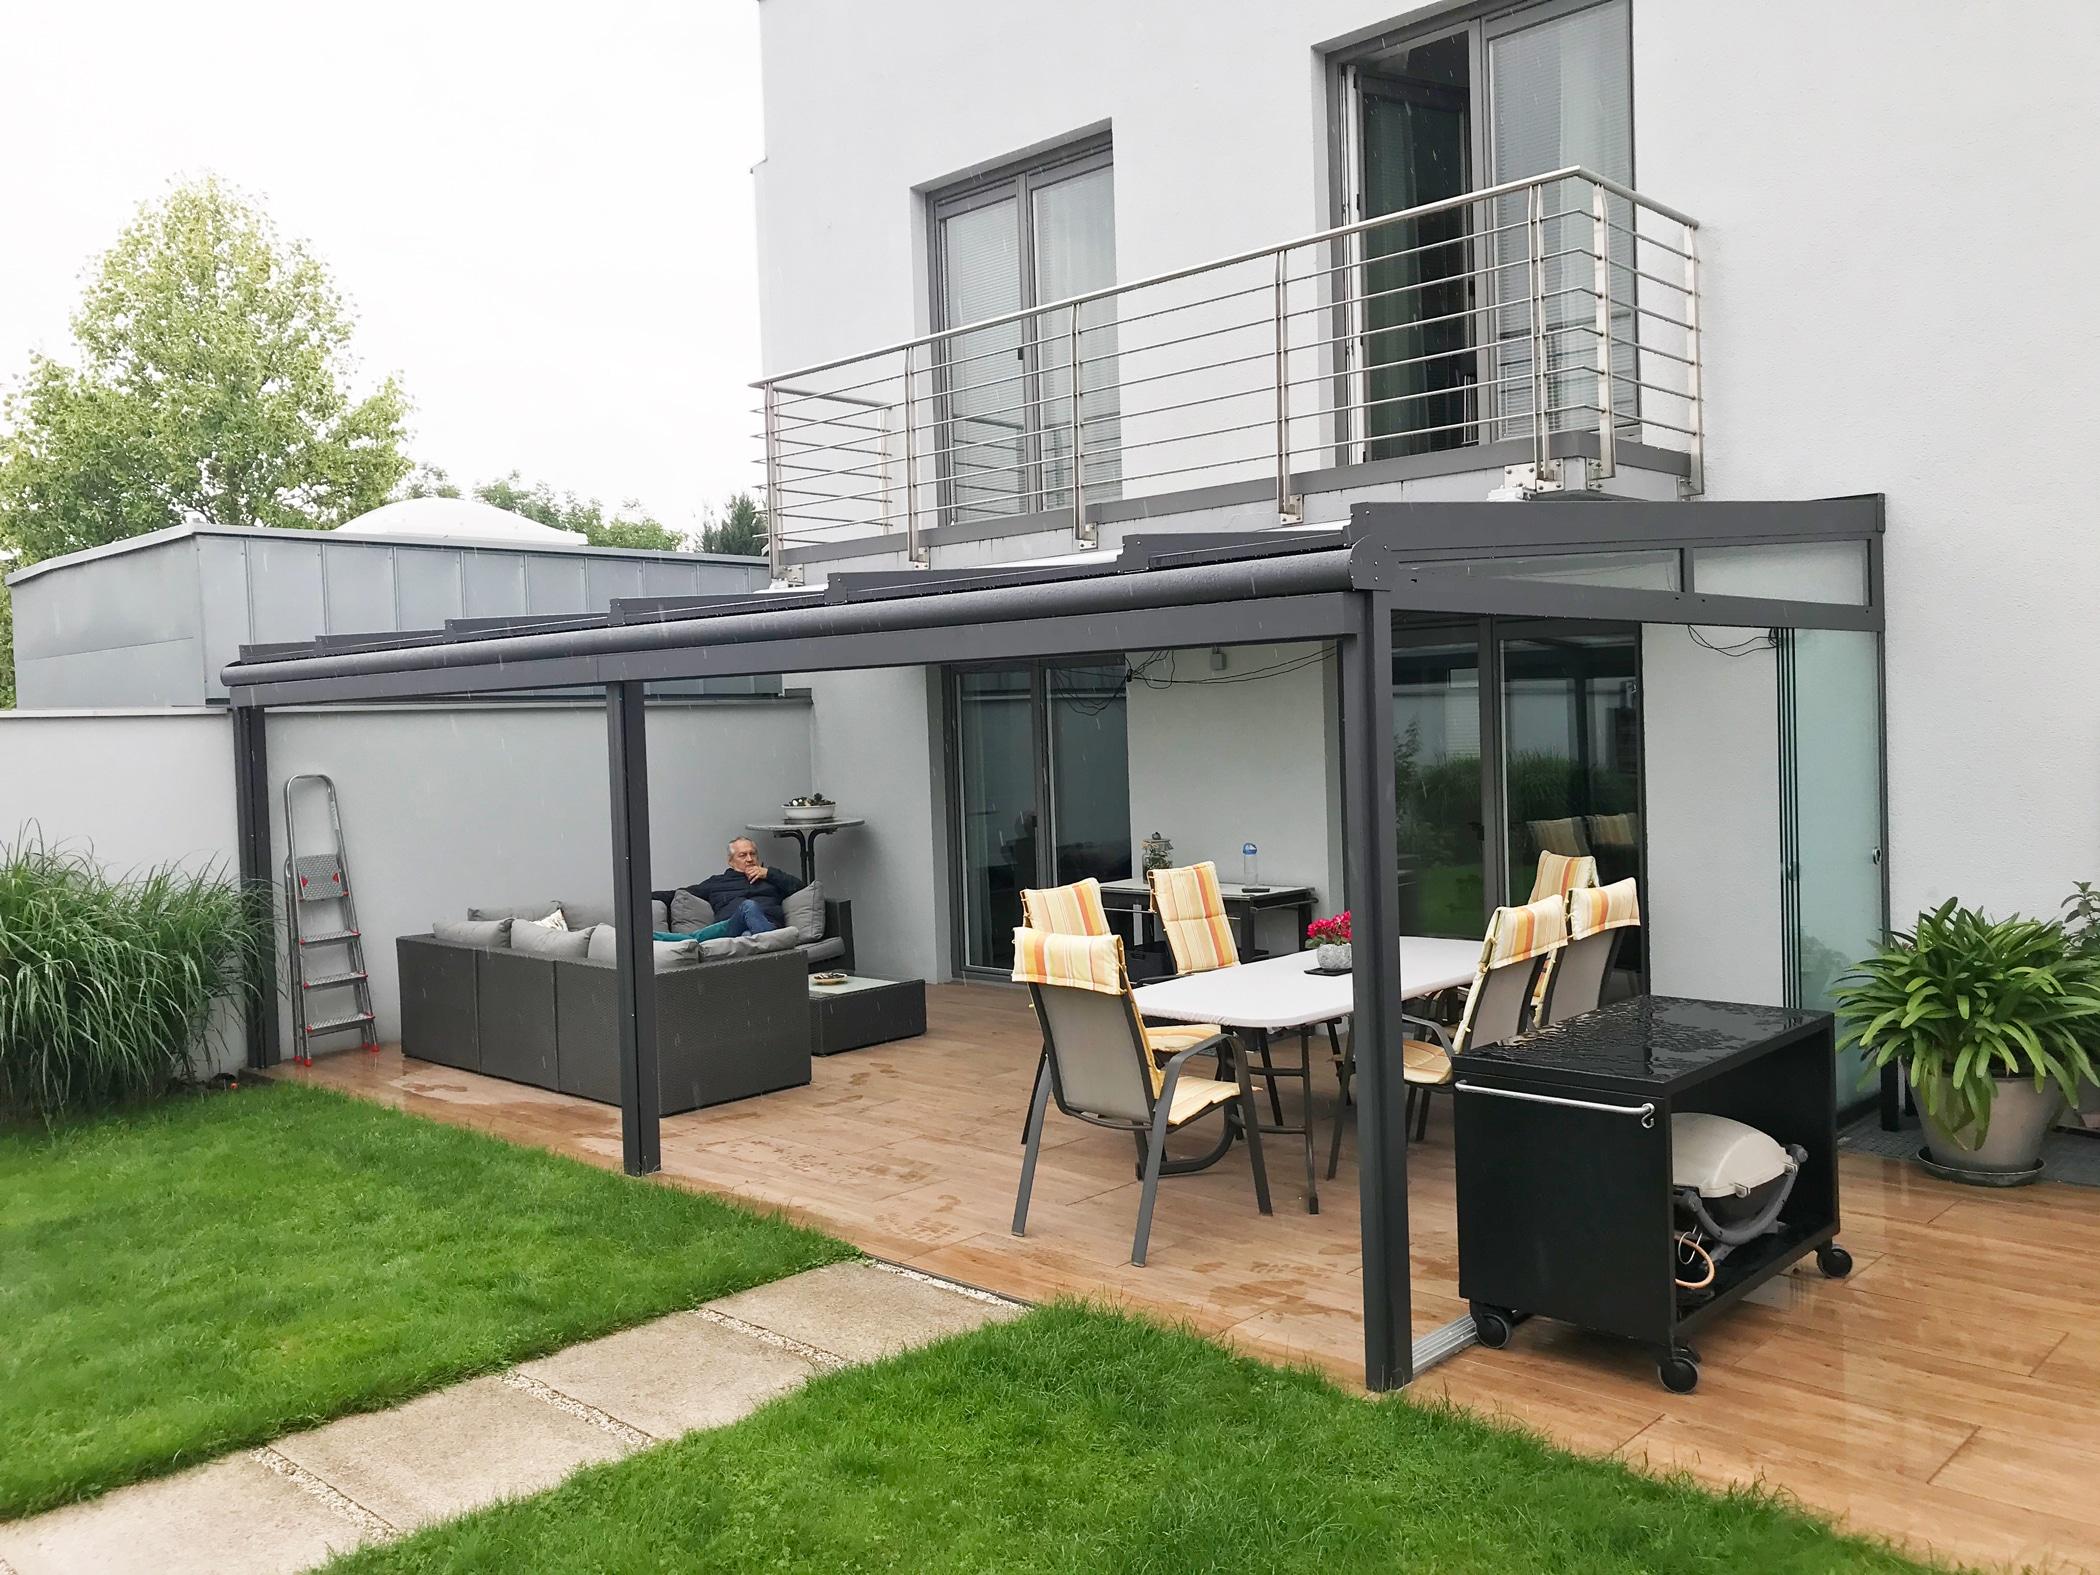 Terrassenüberdachung Alu Glas nach Maß